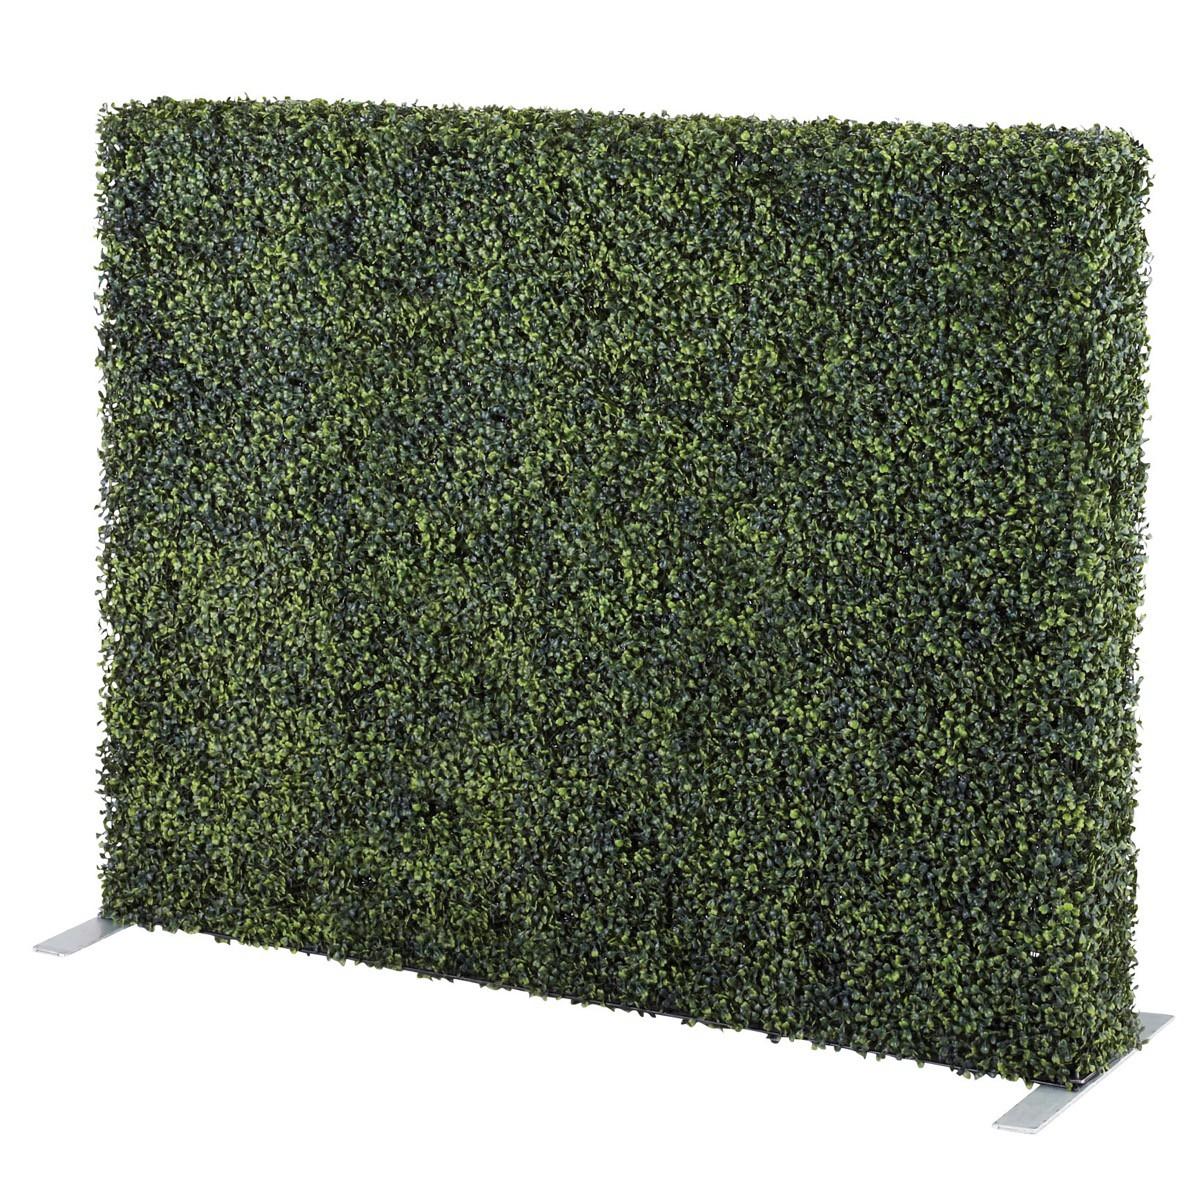 人工観葉植物 フェイクグリーン 観葉植物 造花 大型 リーフパーティション1500 衝立 間仕切 パーテーション インテリア おしゃれ フェイク グリーン